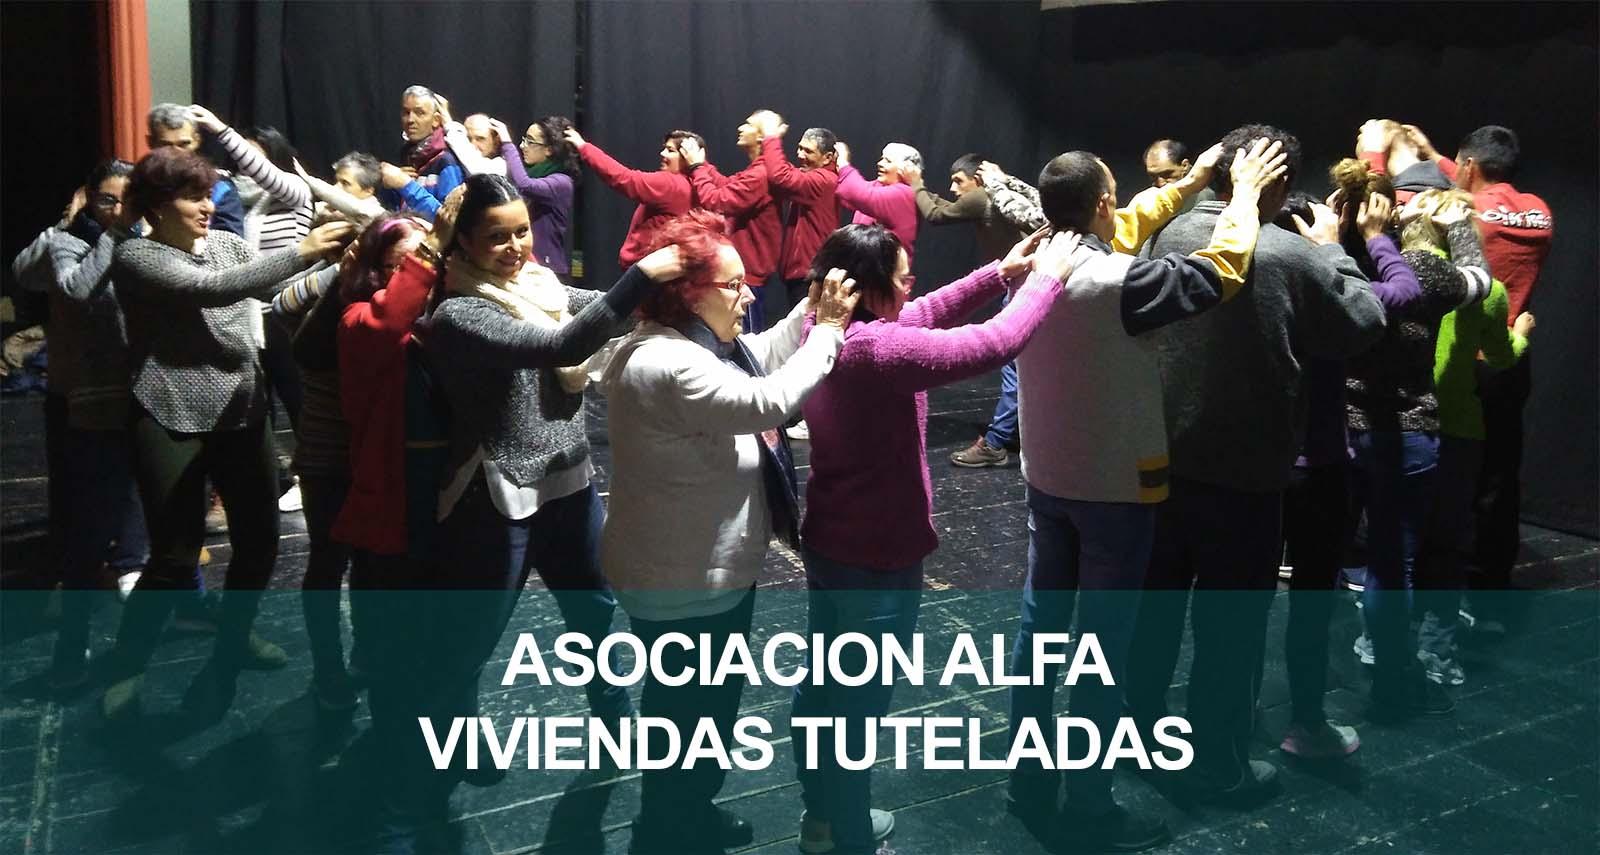 SLIDE-asociacion-alfa-viviendas-tuteladas